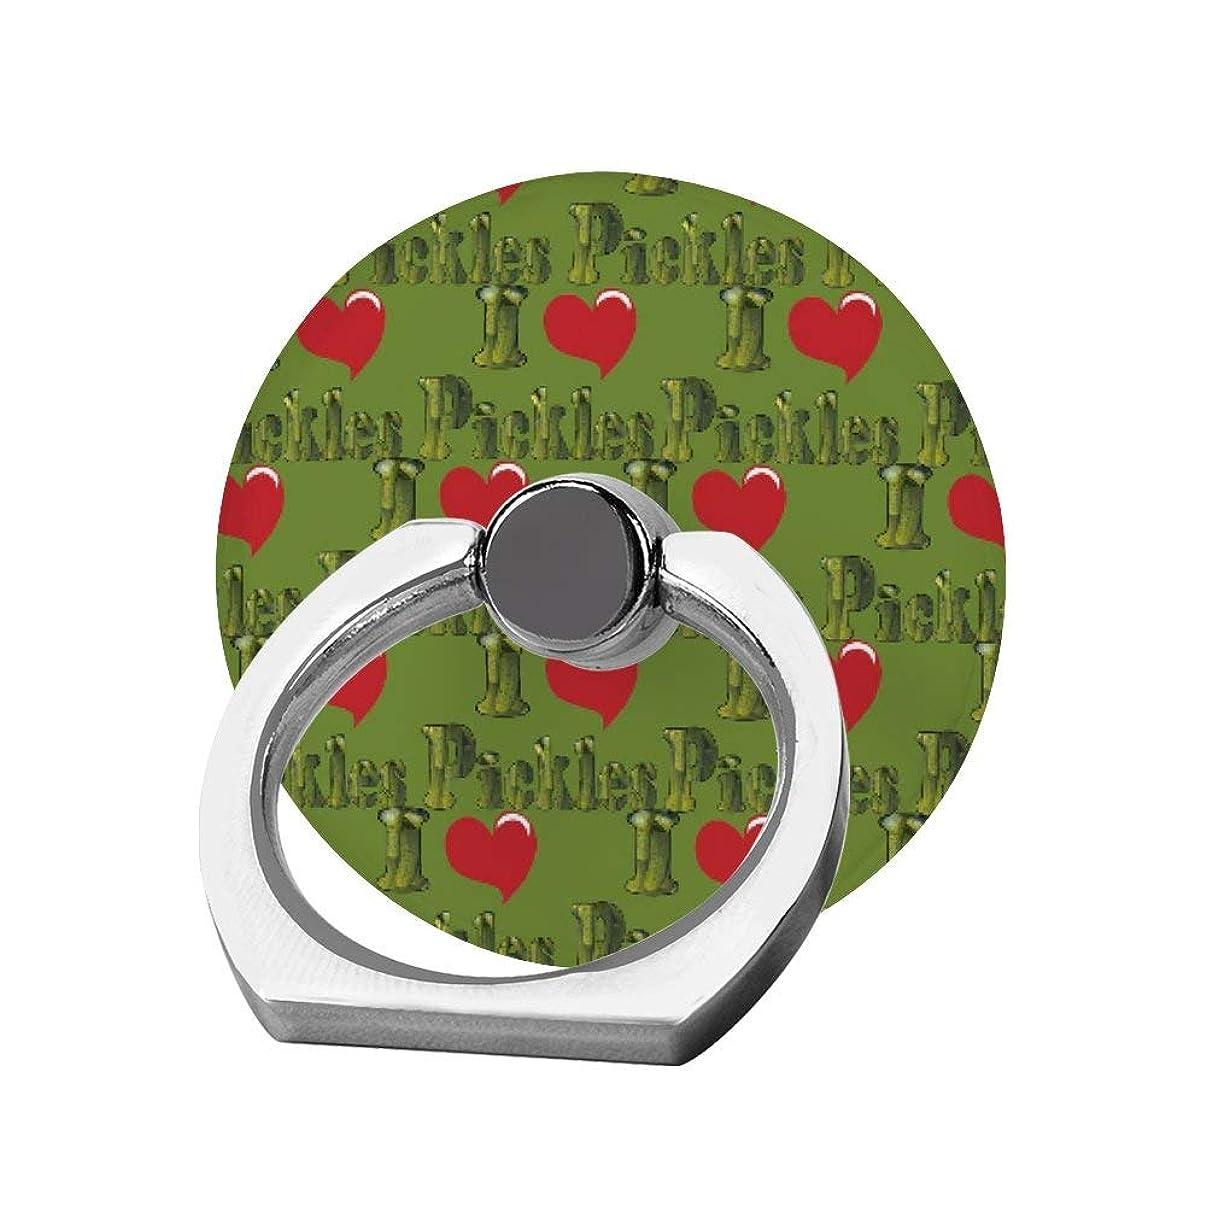 香りマークされたトラブルスマホリング 携帯リング 指リング 薄型 落下防止 スタンド機能 I Love Pickles ピクルスが大好き バンカーリング 指輪リング タブレット/各種他対応 360回転 スマホブラケット